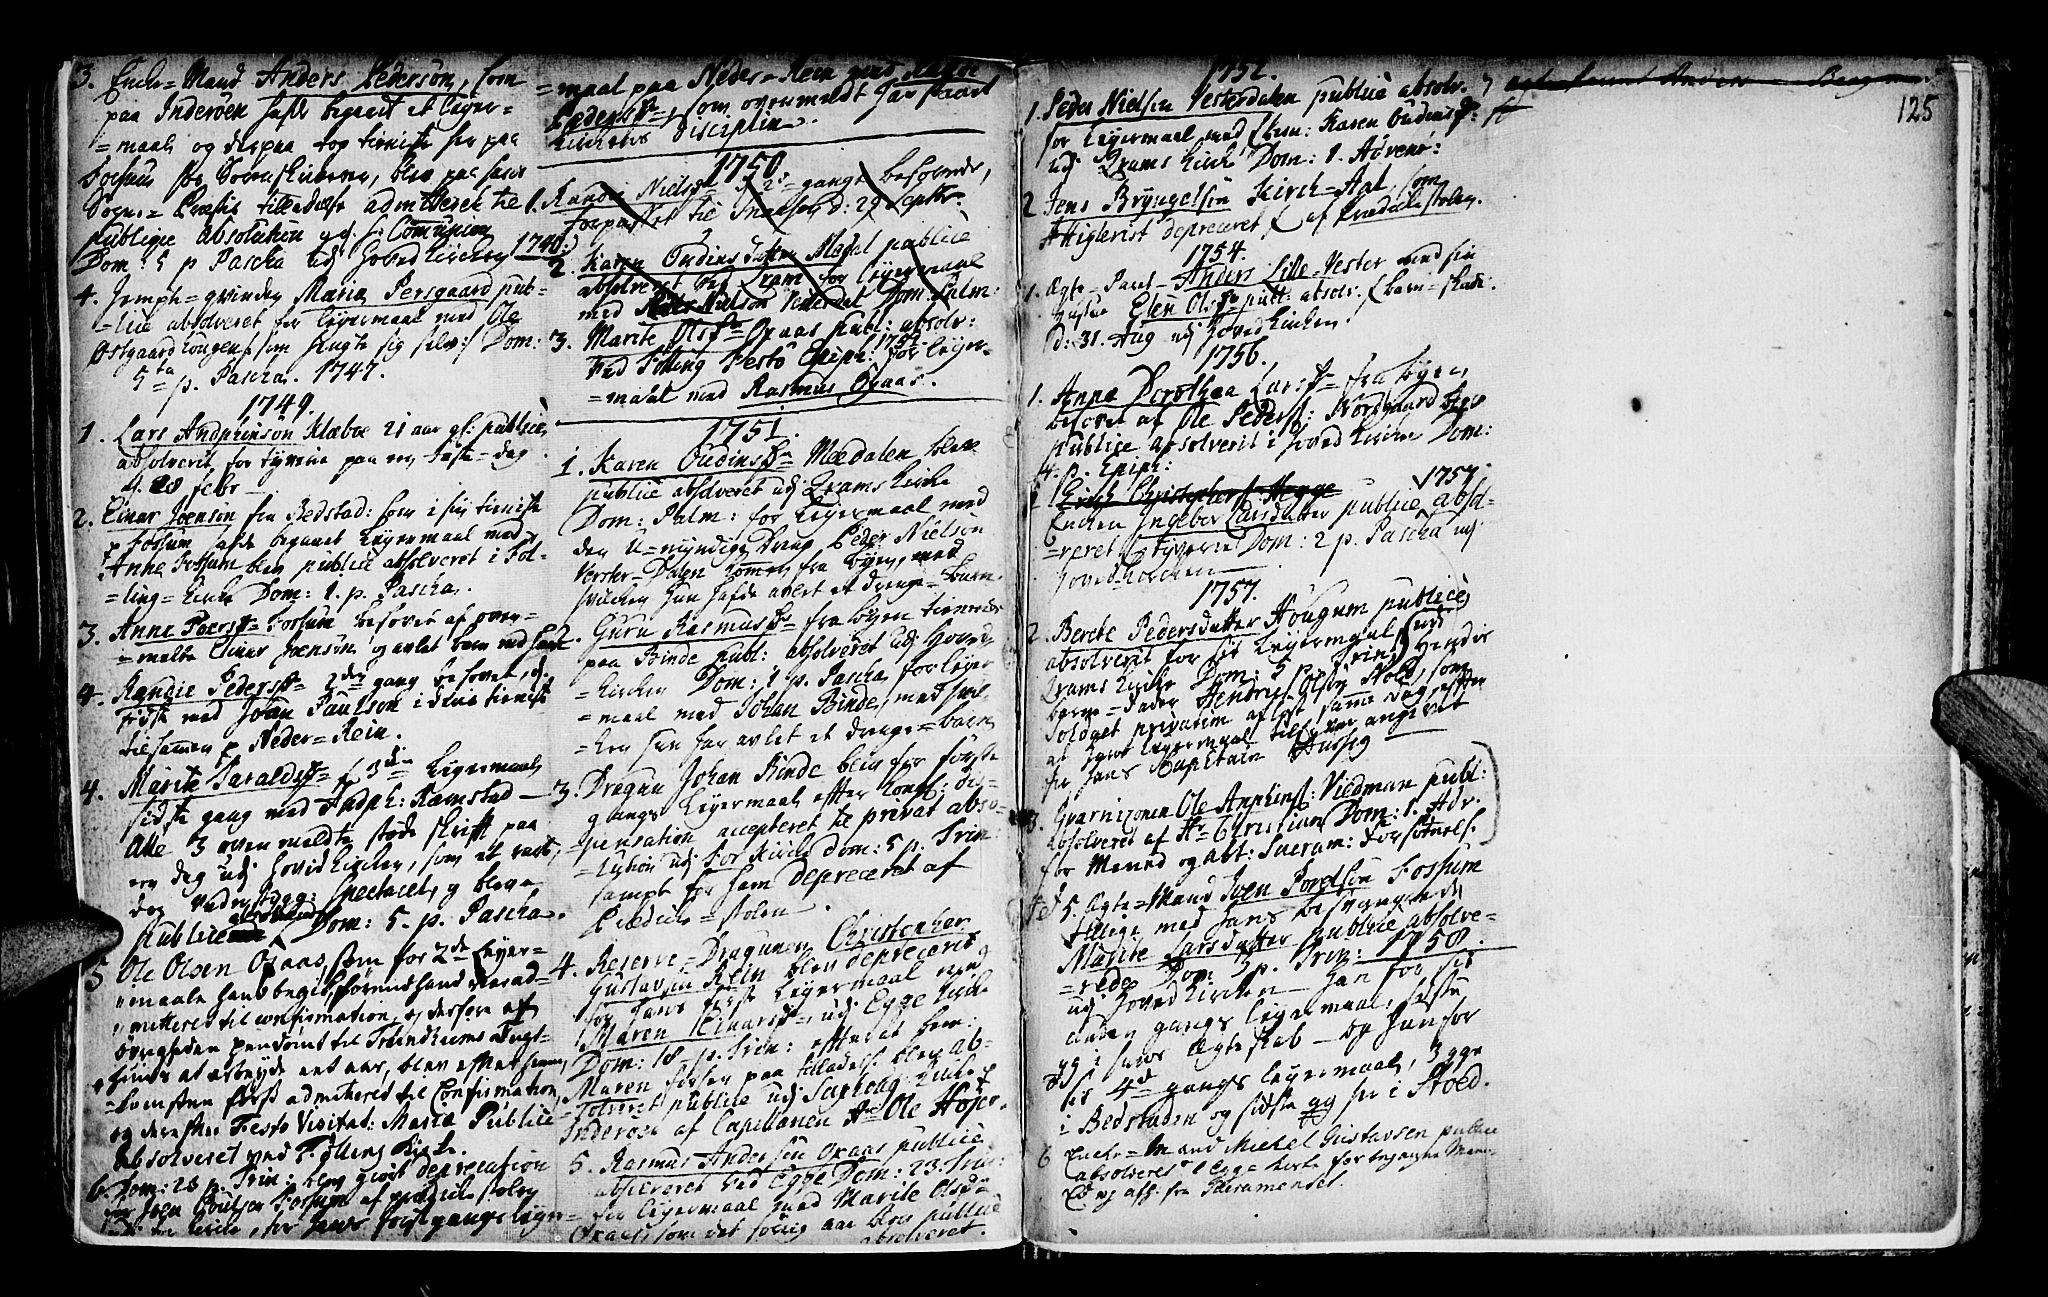 SAT, Ministerialprotokoller, klokkerbøker og fødselsregistre - Nord-Trøndelag, 746/L0439: Ministerialbok nr. 746A01, 1688-1759, s. 125